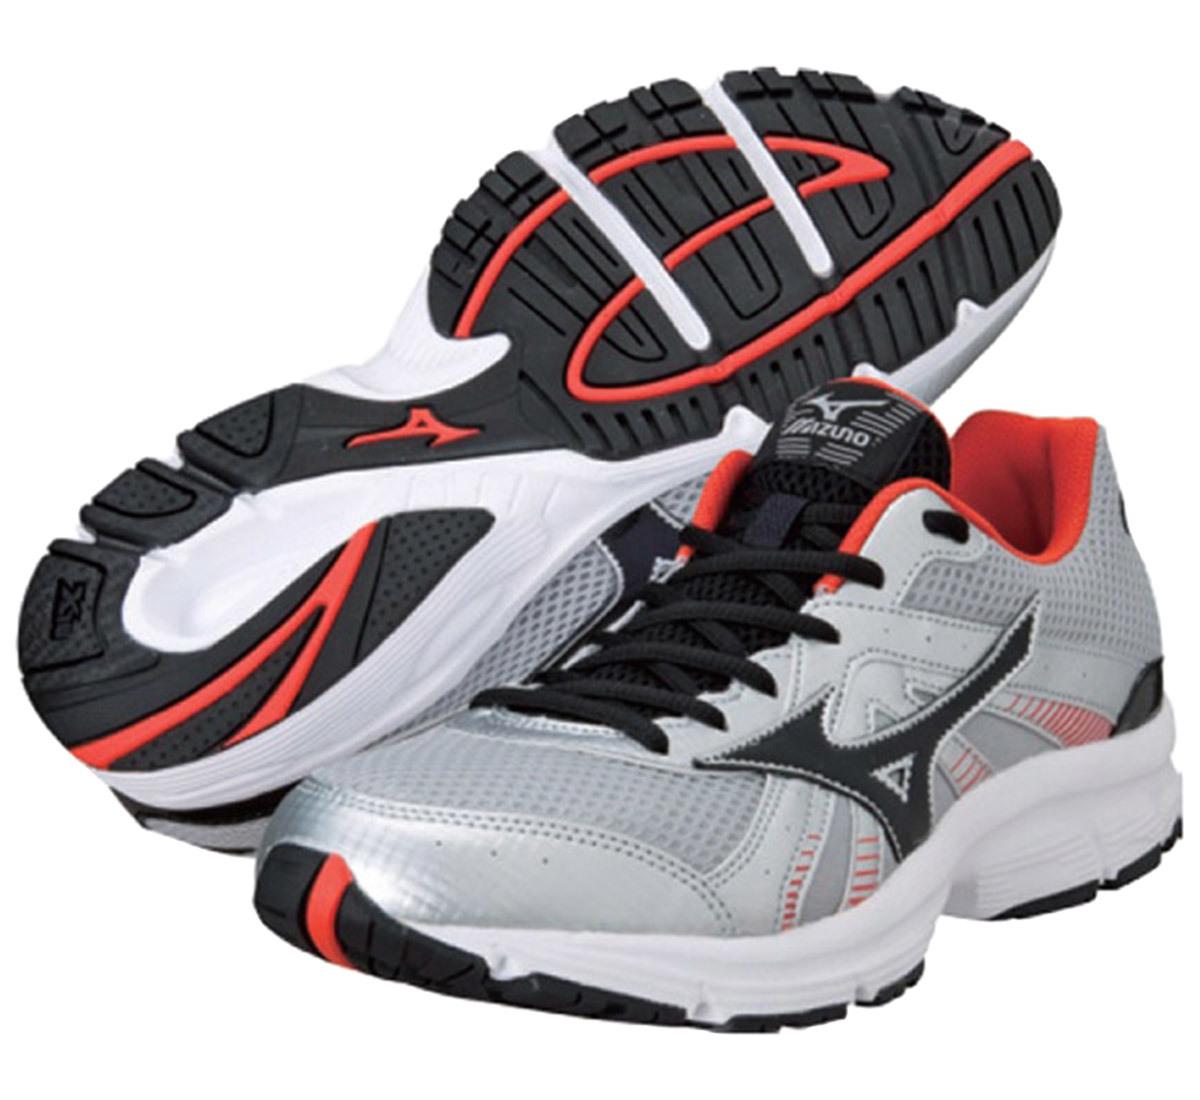 Мужские кроссовки для бега Mizuno Crusader 8 (K1GA1403 11) белые